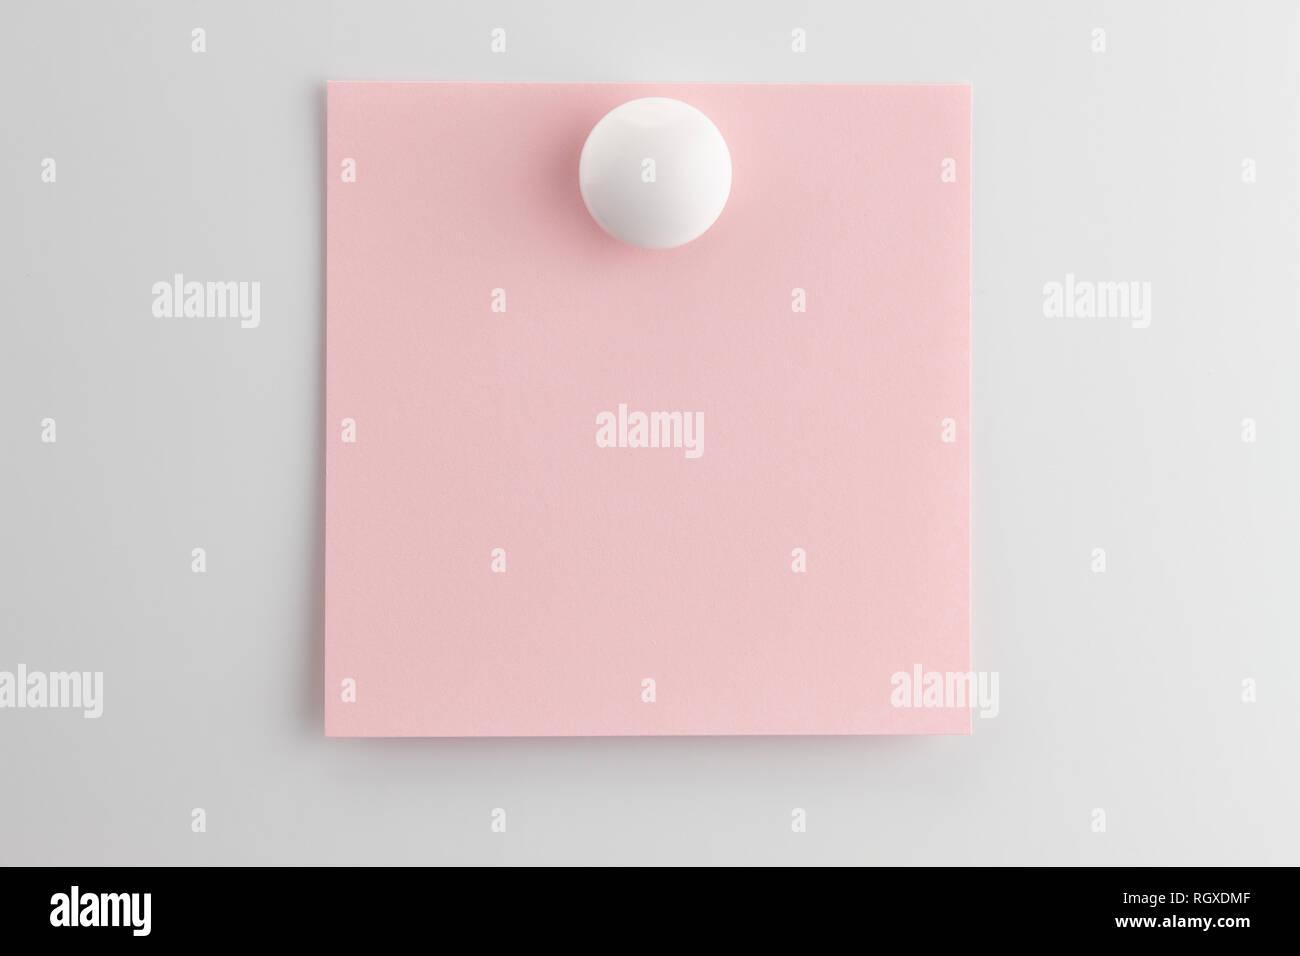 Kühlschrank Rosa : Rosa kühlschrank stockfotos rosa kühlschrank bilder alamy